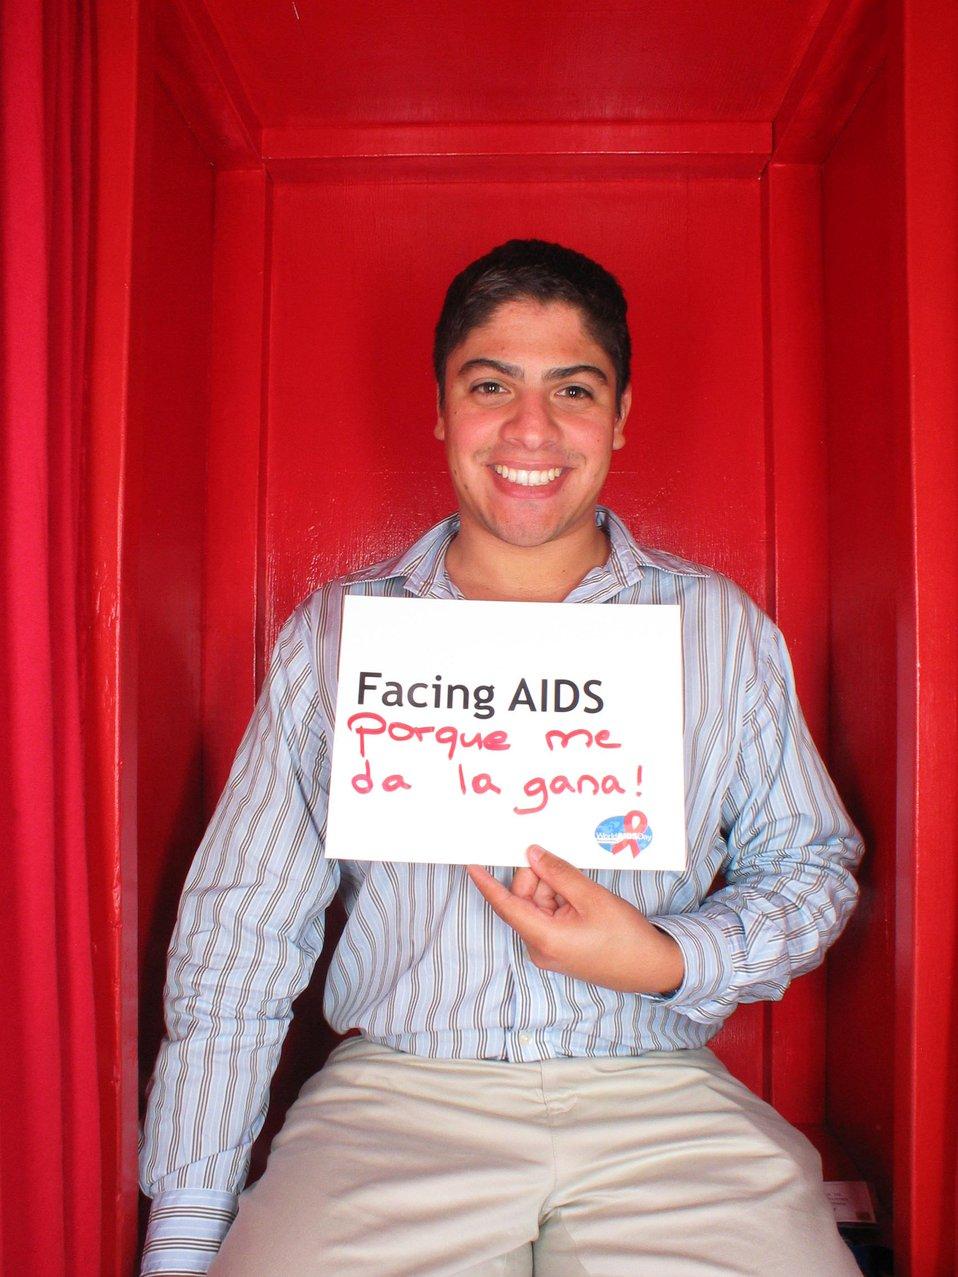 Facing AIDS porque me da la gana!